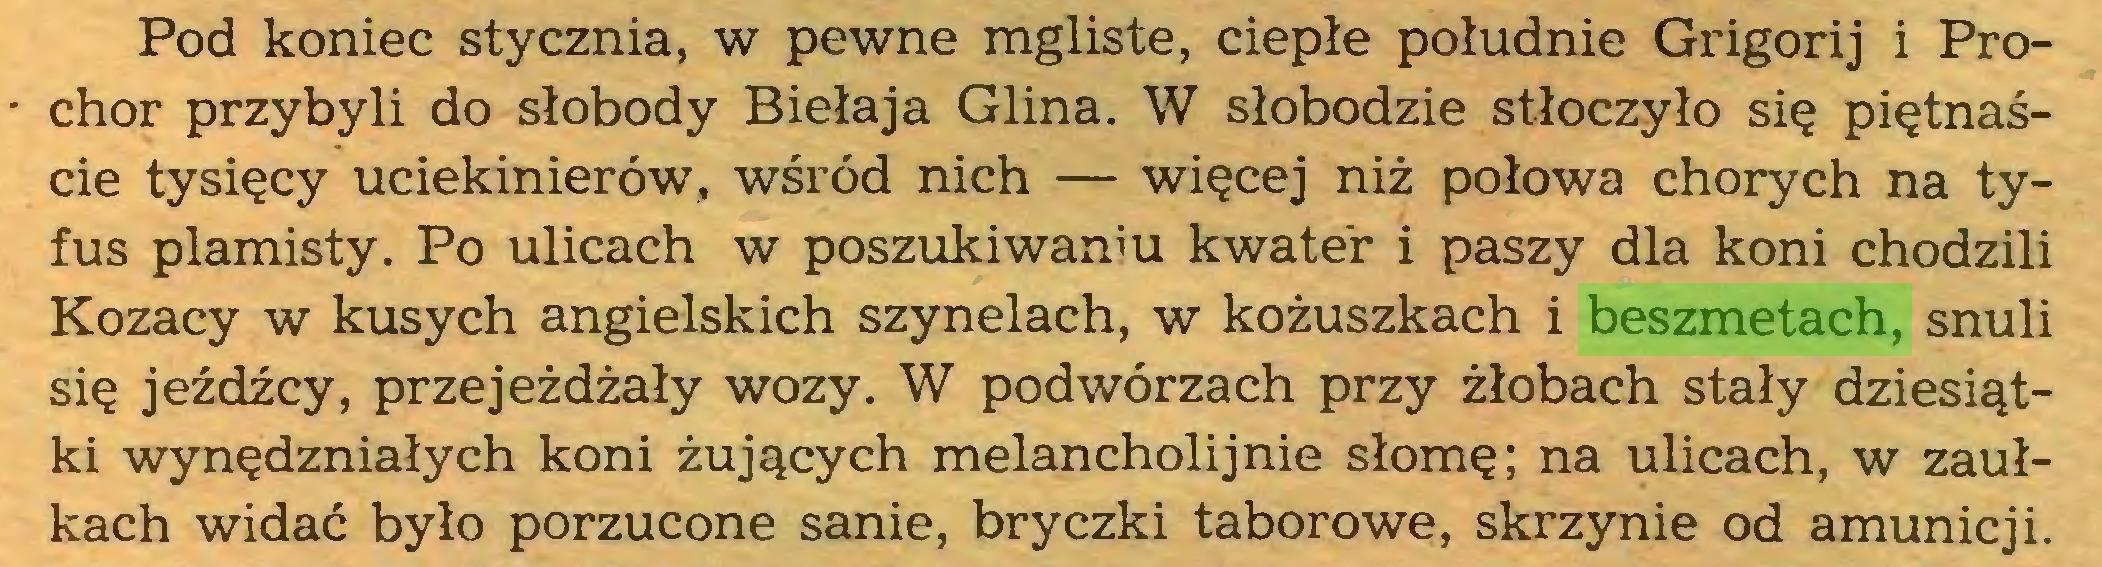 (...) Pod koniec stycznia, w pewne mgliste, ciepłe południe Grigorij i Prochor przybyli do słobody Biełaja Glina. W słobodzie stłoczyło się piętnaście tysięcy uciekinierów, wśród nich — więcej niż połowa chorych na tyfus plamisty. Po ulicach w poszukiwaniu kwater i paszy dla koni chodzili Kozacy w kusych angielskich szynelach, w kożuszkach i beszmetach, snuli się jeźdźcy, przejeżdżały wozy. W podwórzach przy żłobach stały dziesiątki wynędzniałych koni żujących melancholijnie słomę; na ulicach, w zaułkach widać było porzucone sanie, bryczki taborowe, skrzynie od amunicji...